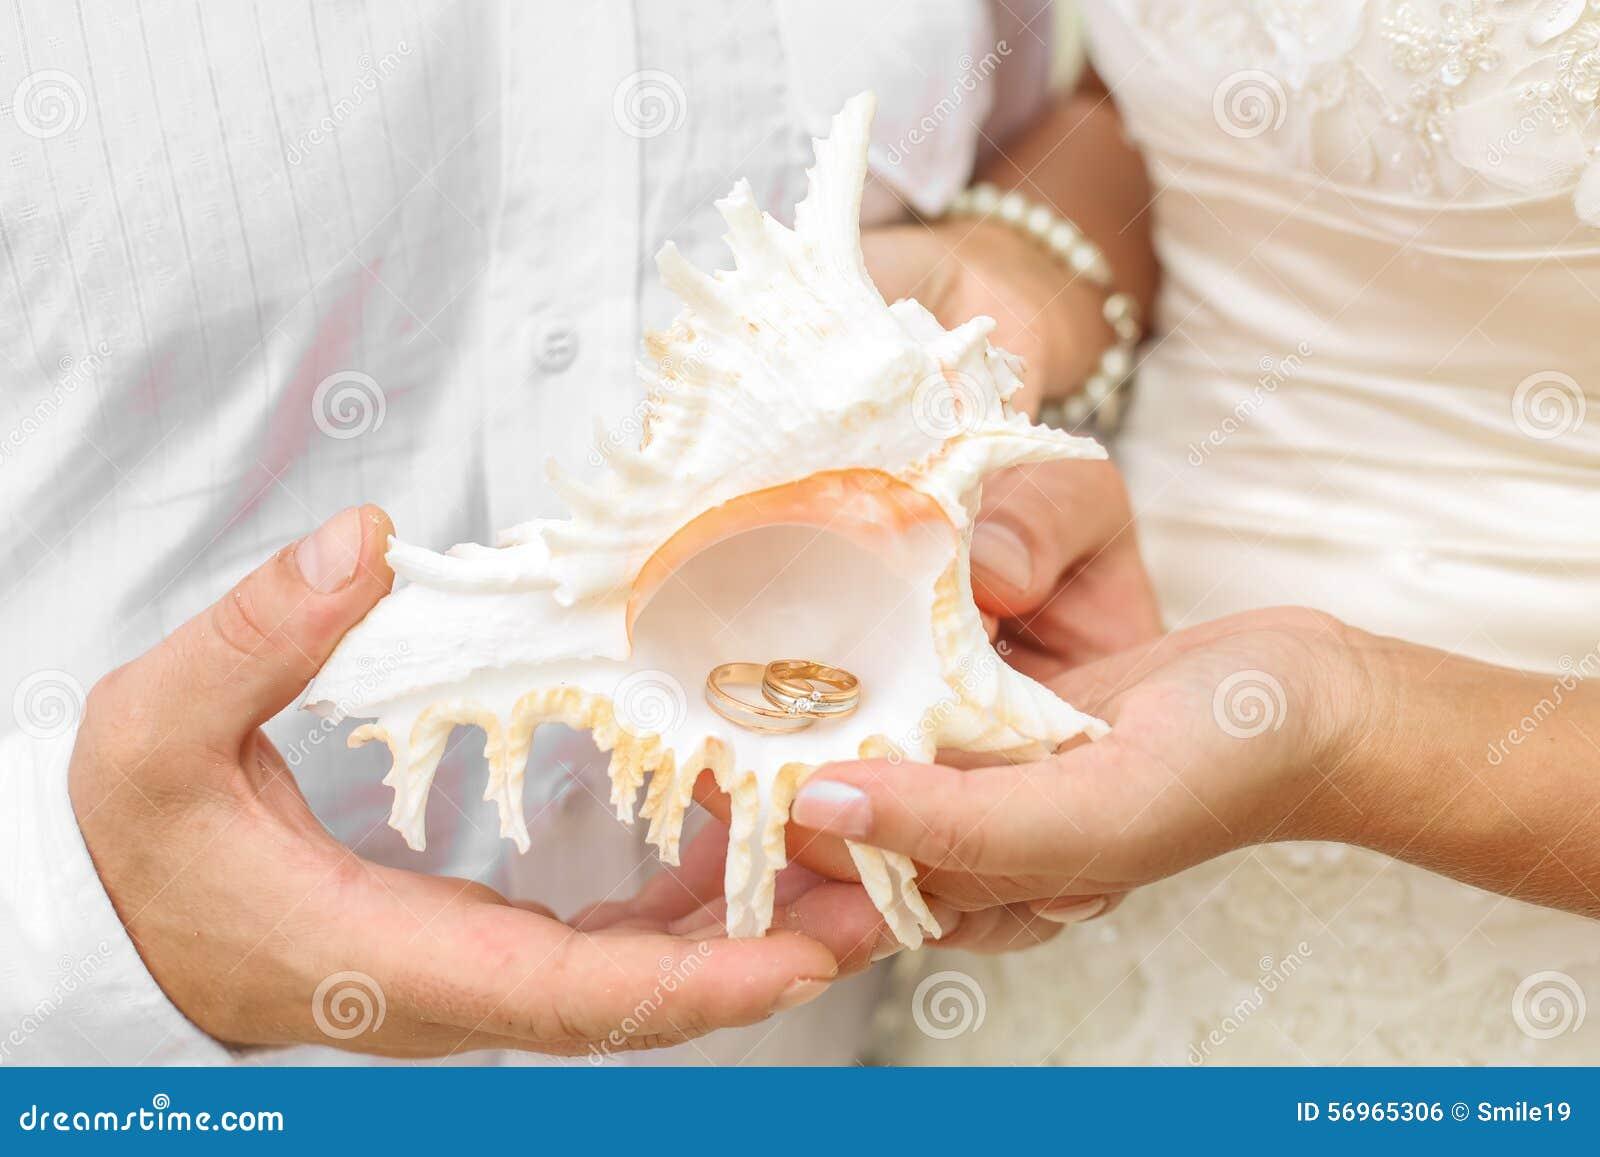 Alianças de casamento dentro de uma concha do mar